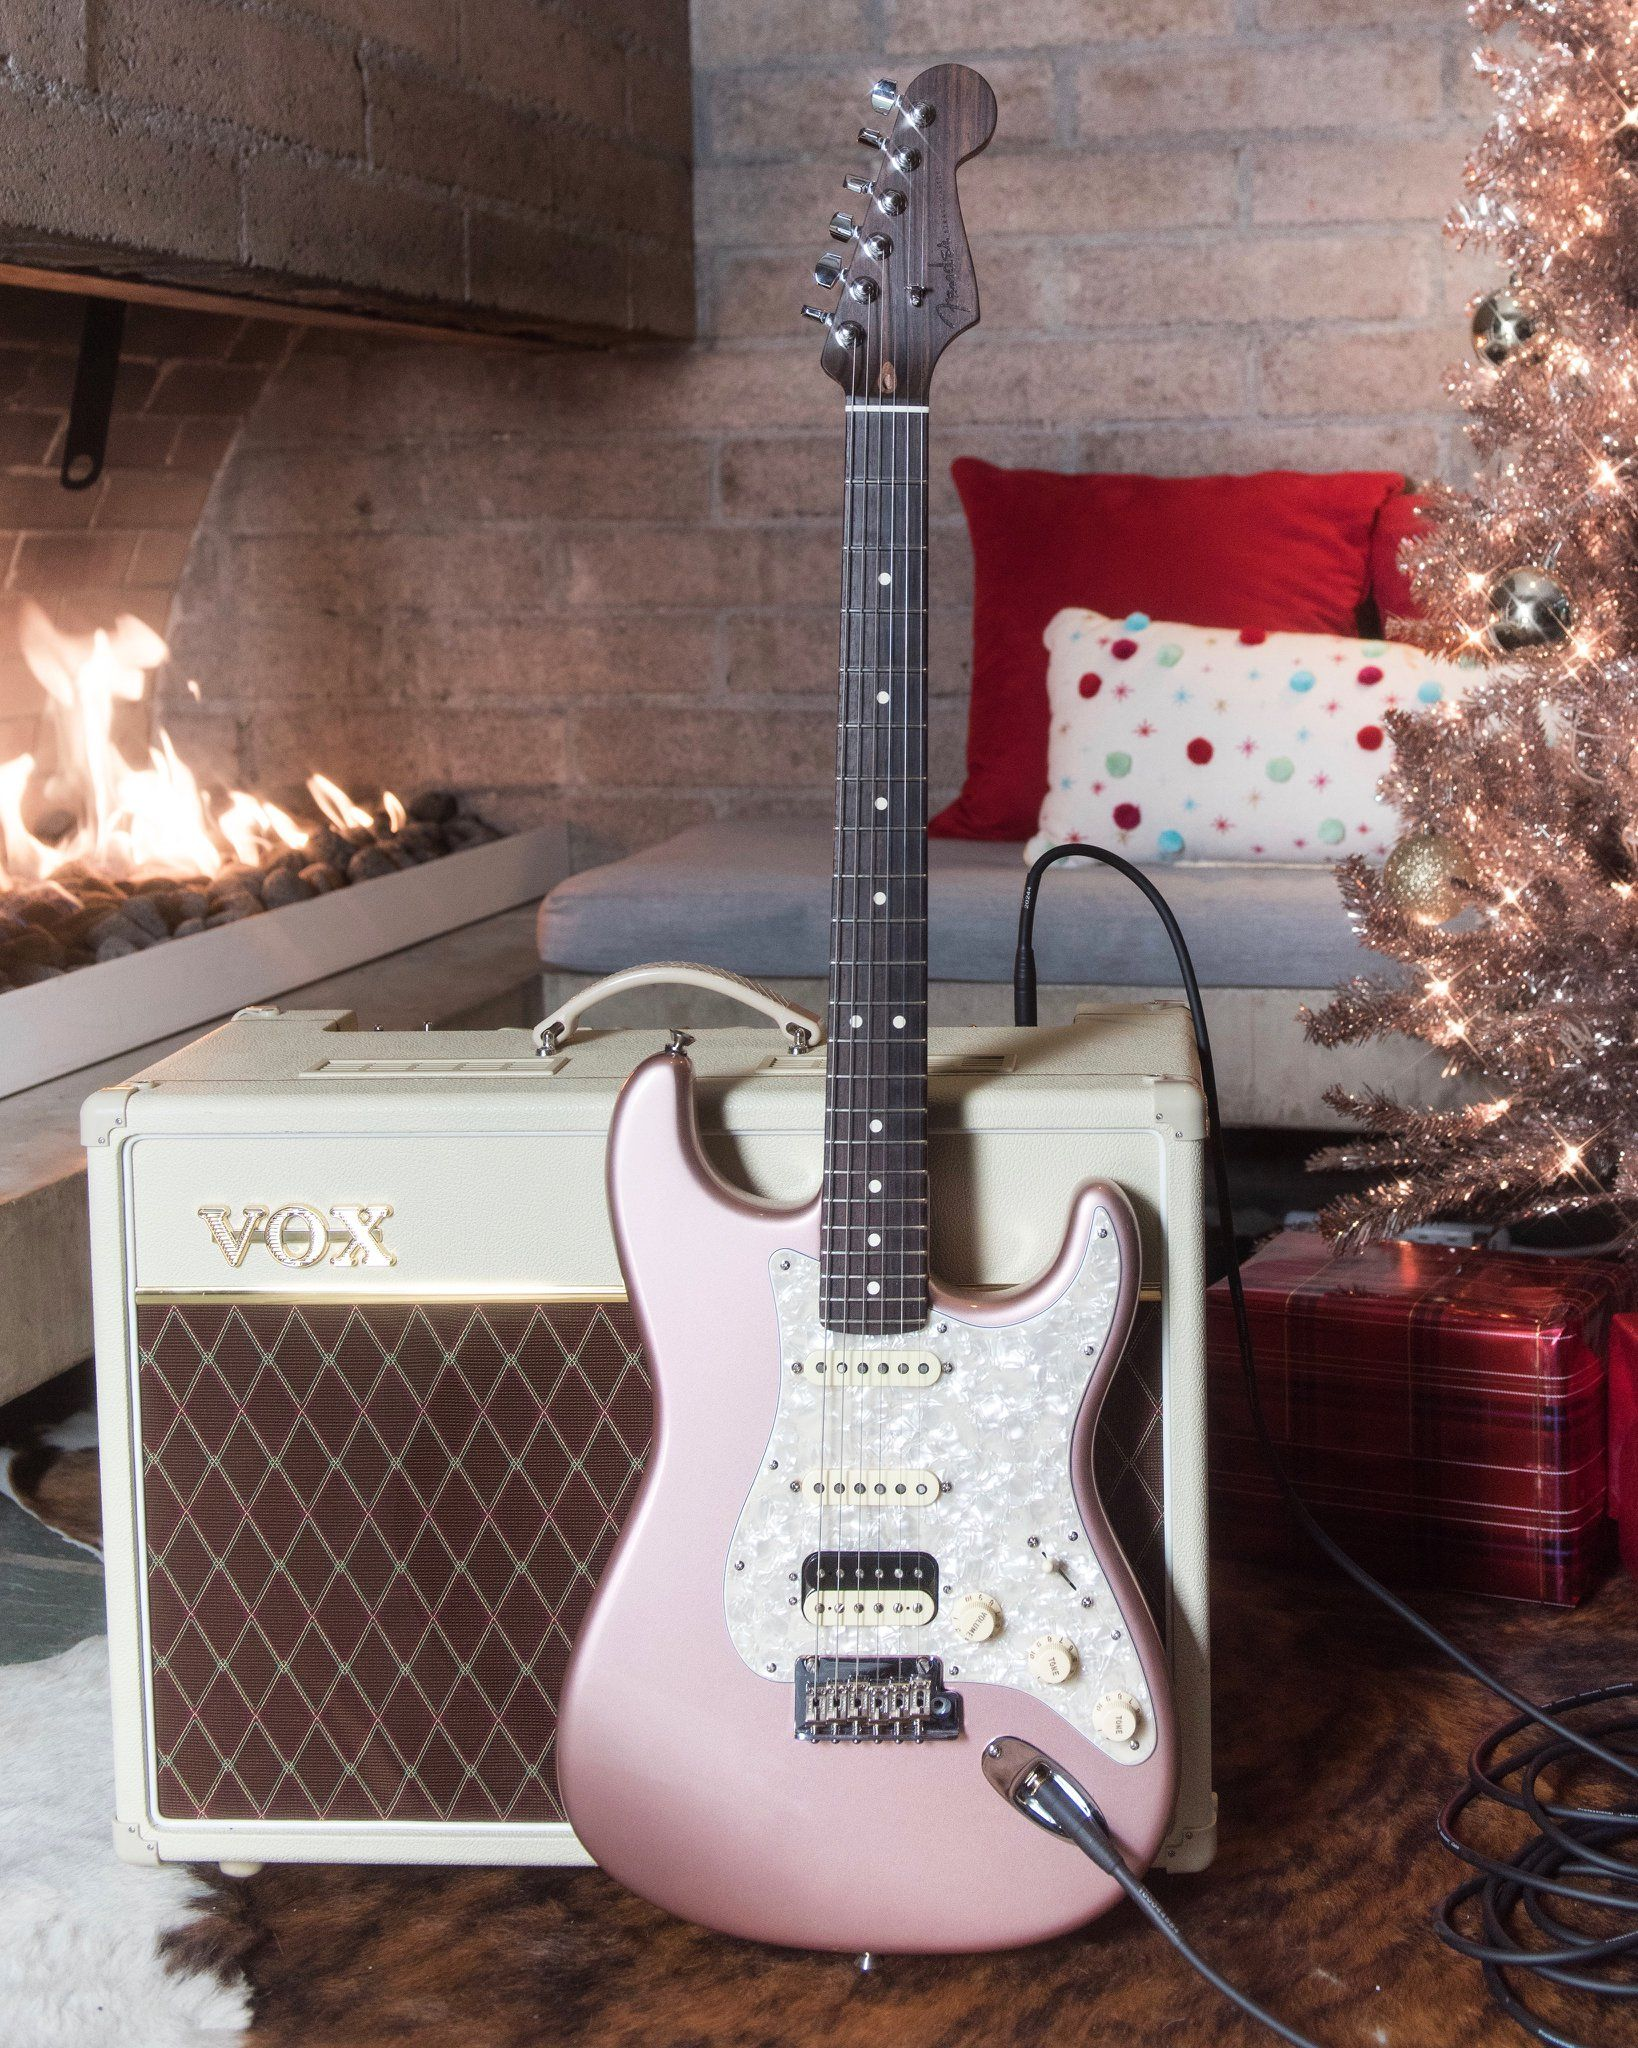 Fender Stratocaster Guitars Guitar Center >> Guitarcenter Fender Strat S Guitar Fender Stratocaster Fender